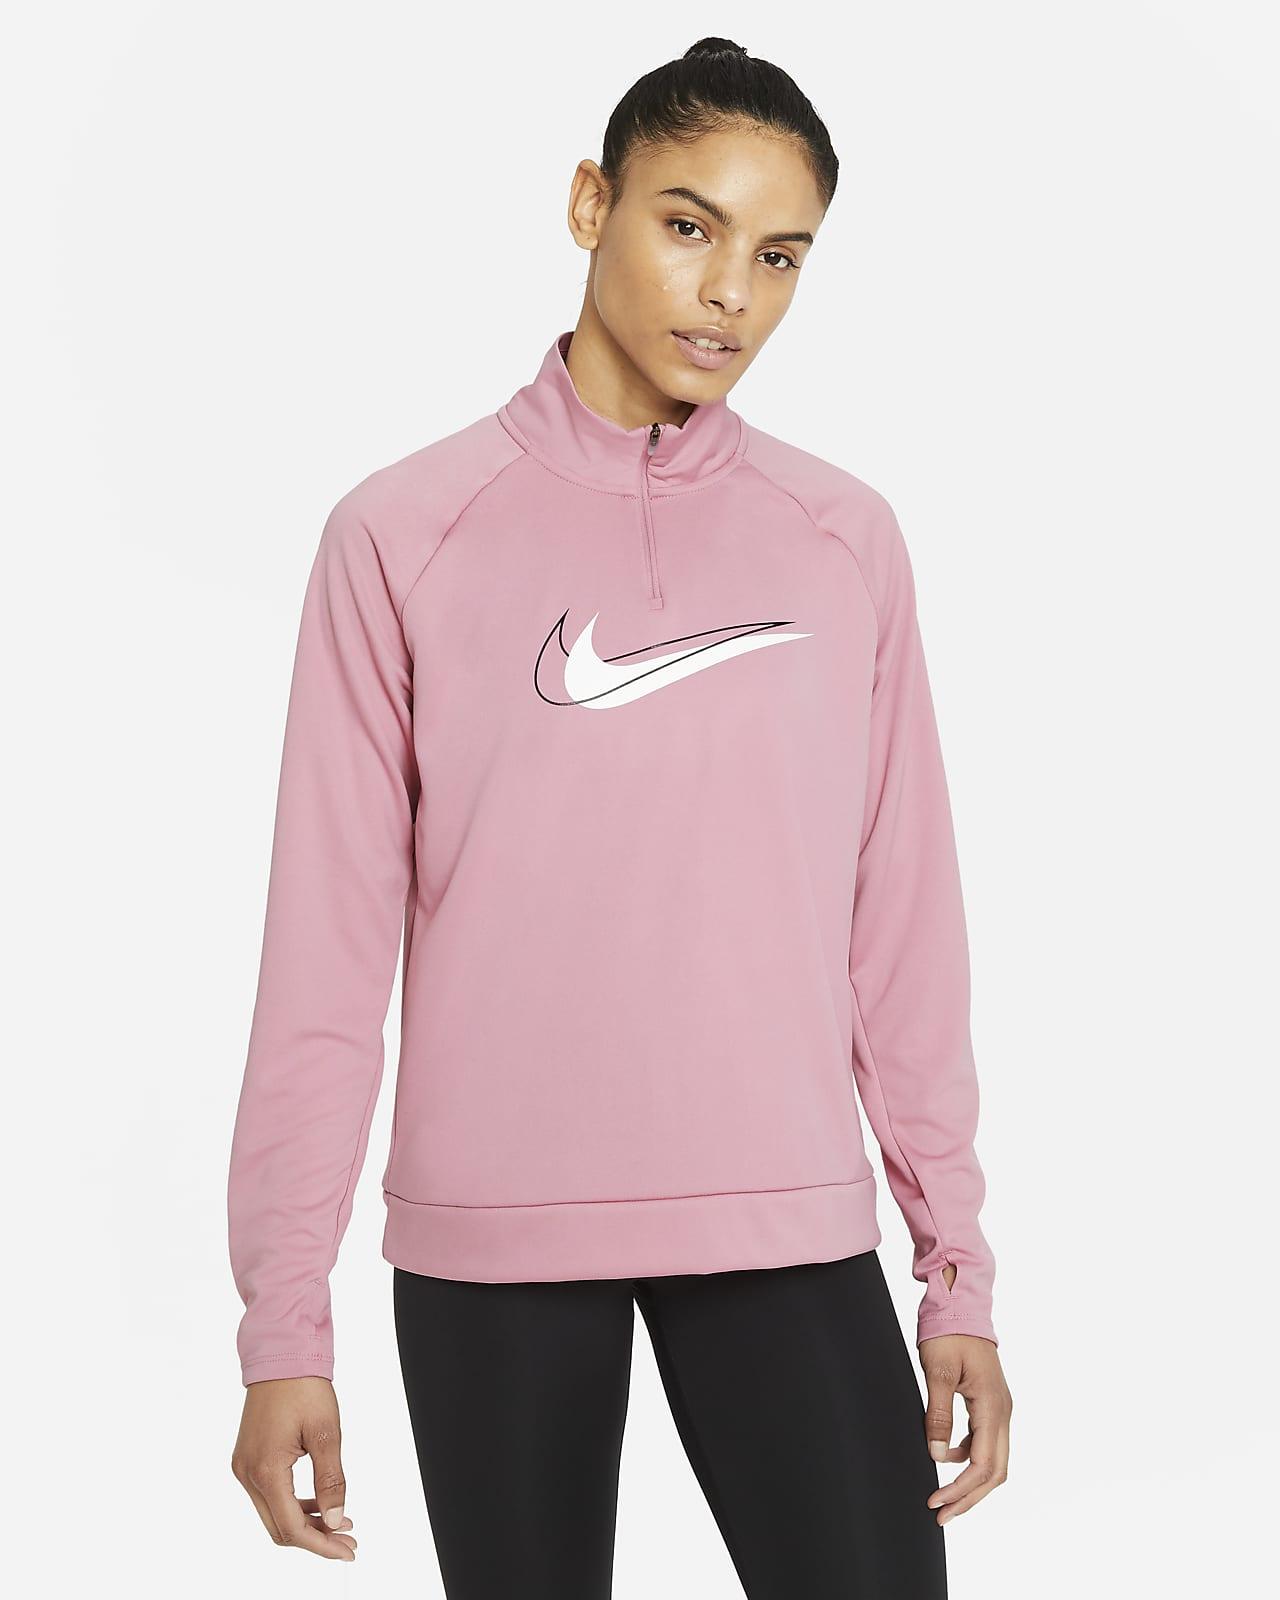 Nike Dri-FIT Swoosh Run Women's 1/2-Zip Running Midlayer